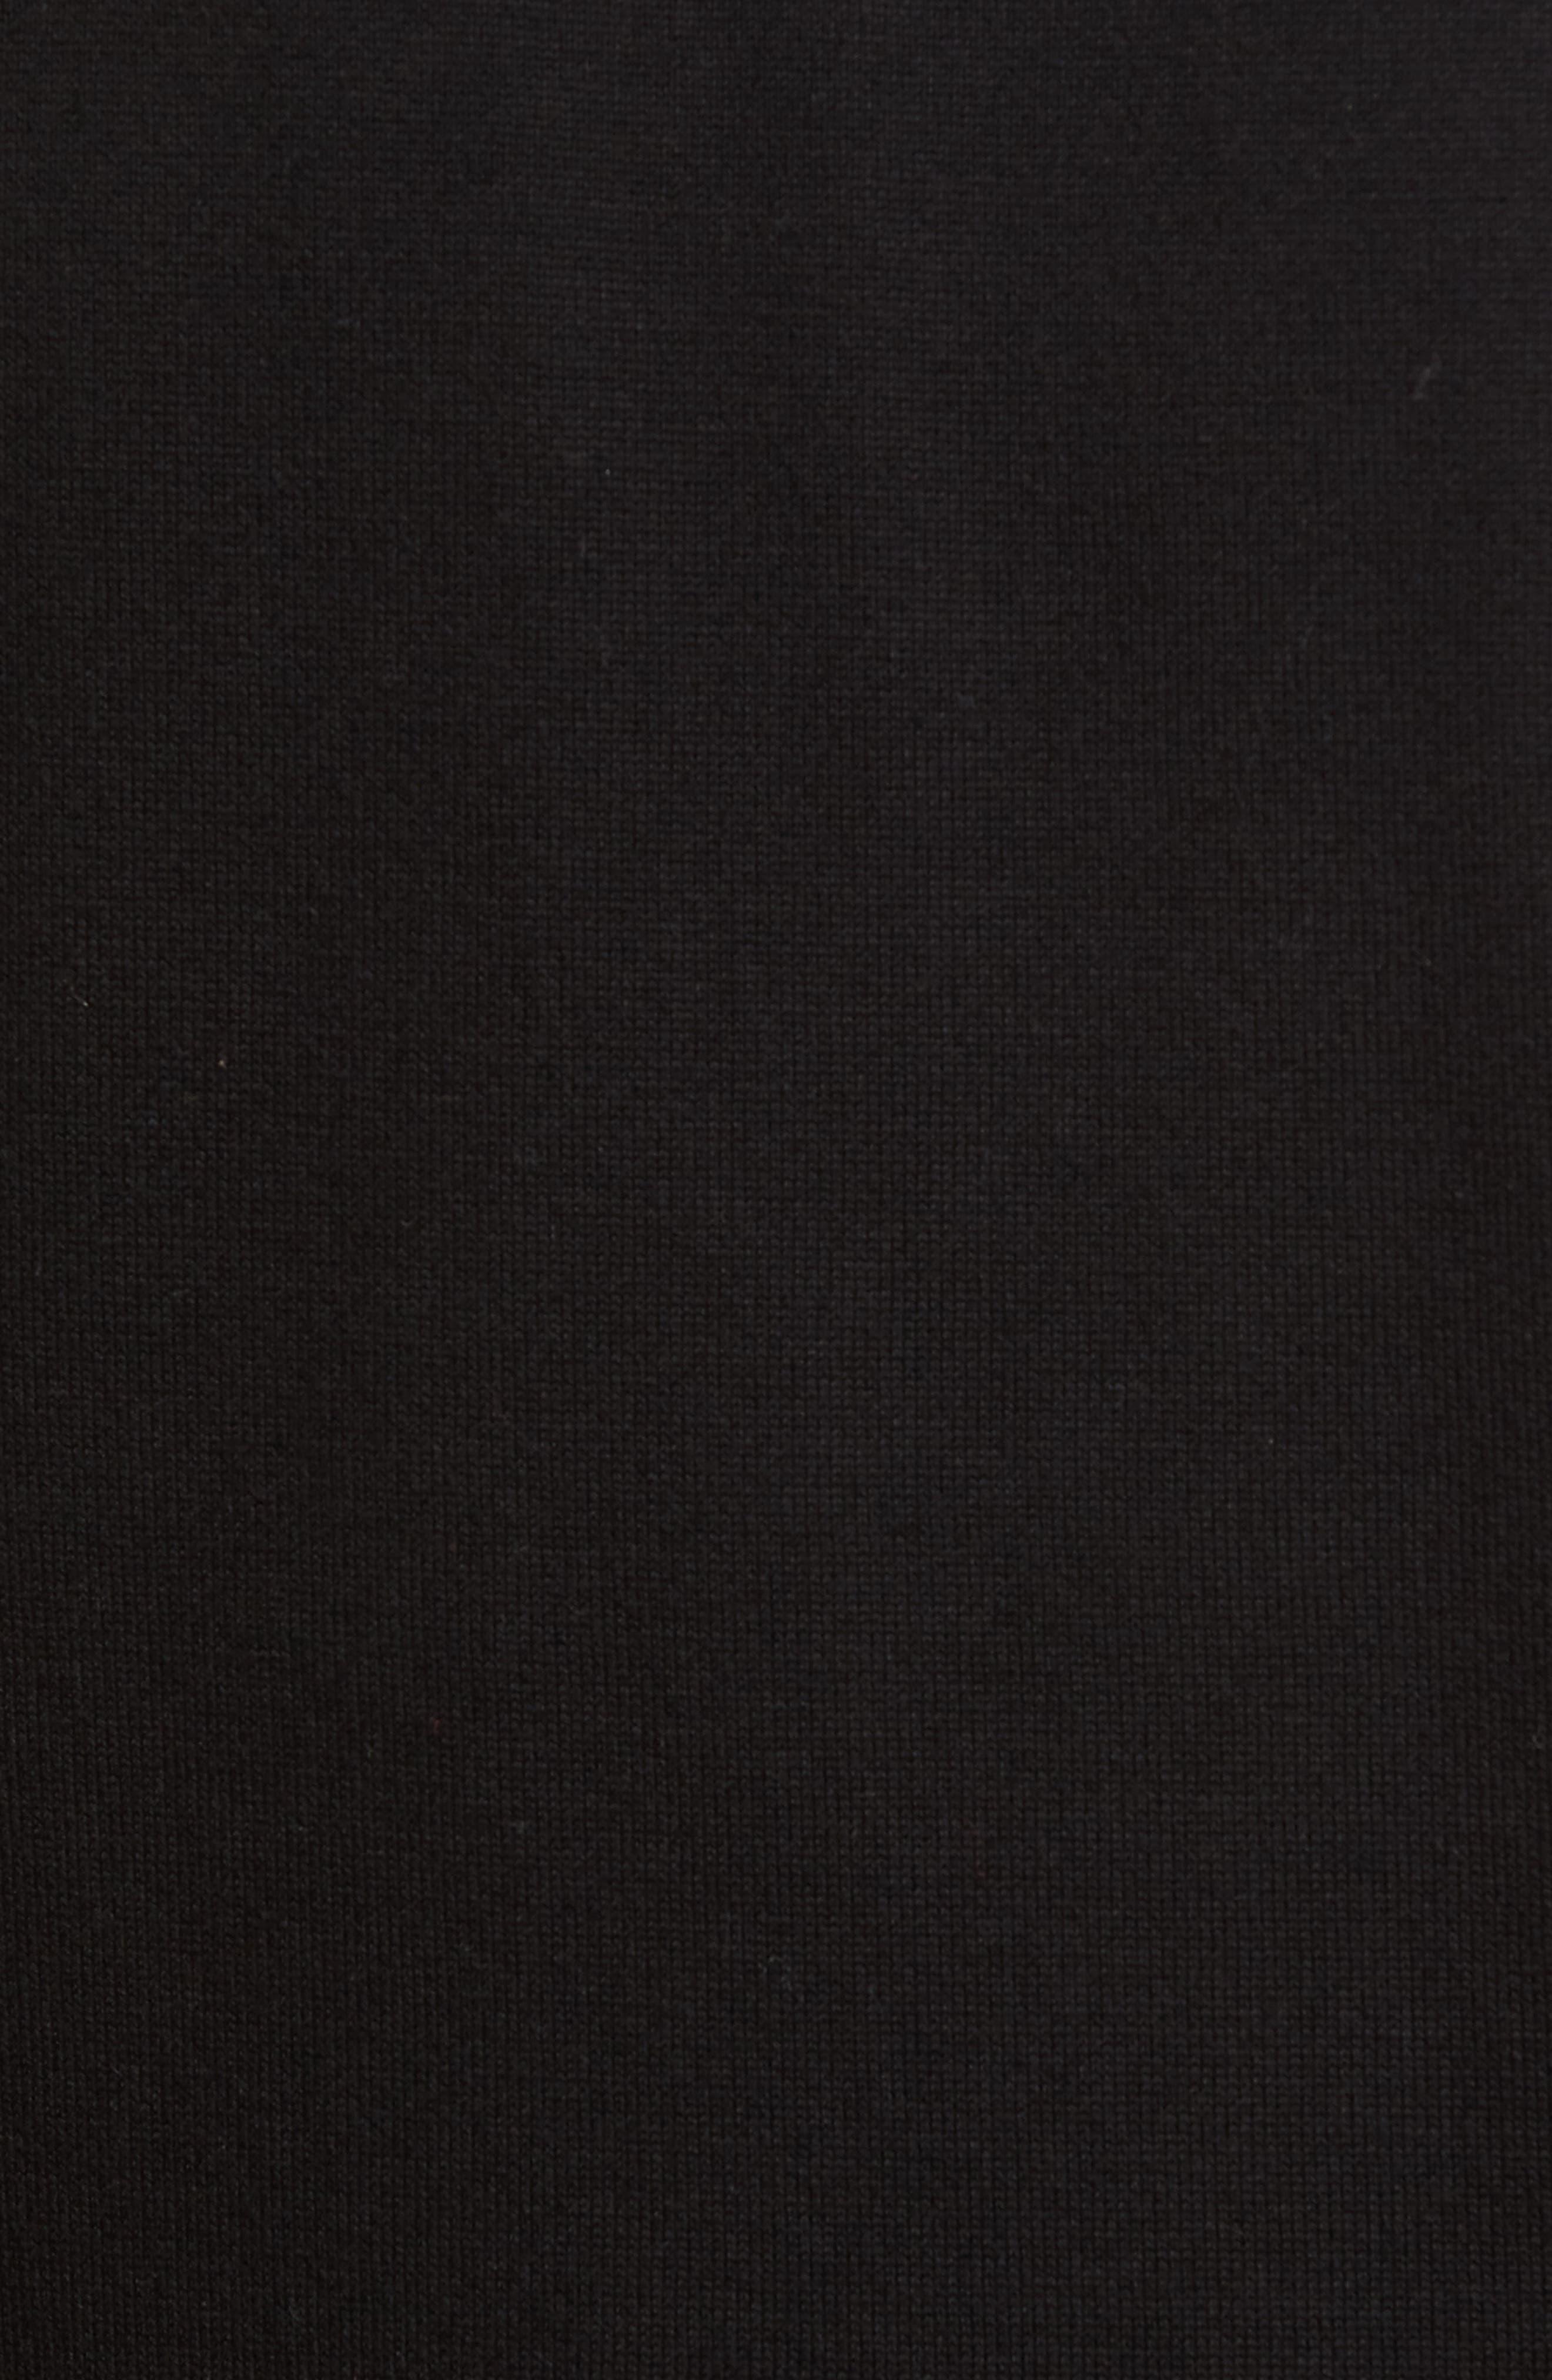 Lakemont V-Neck Sweater Vest,                             Alternate thumbnail 5, color,                             BLACK